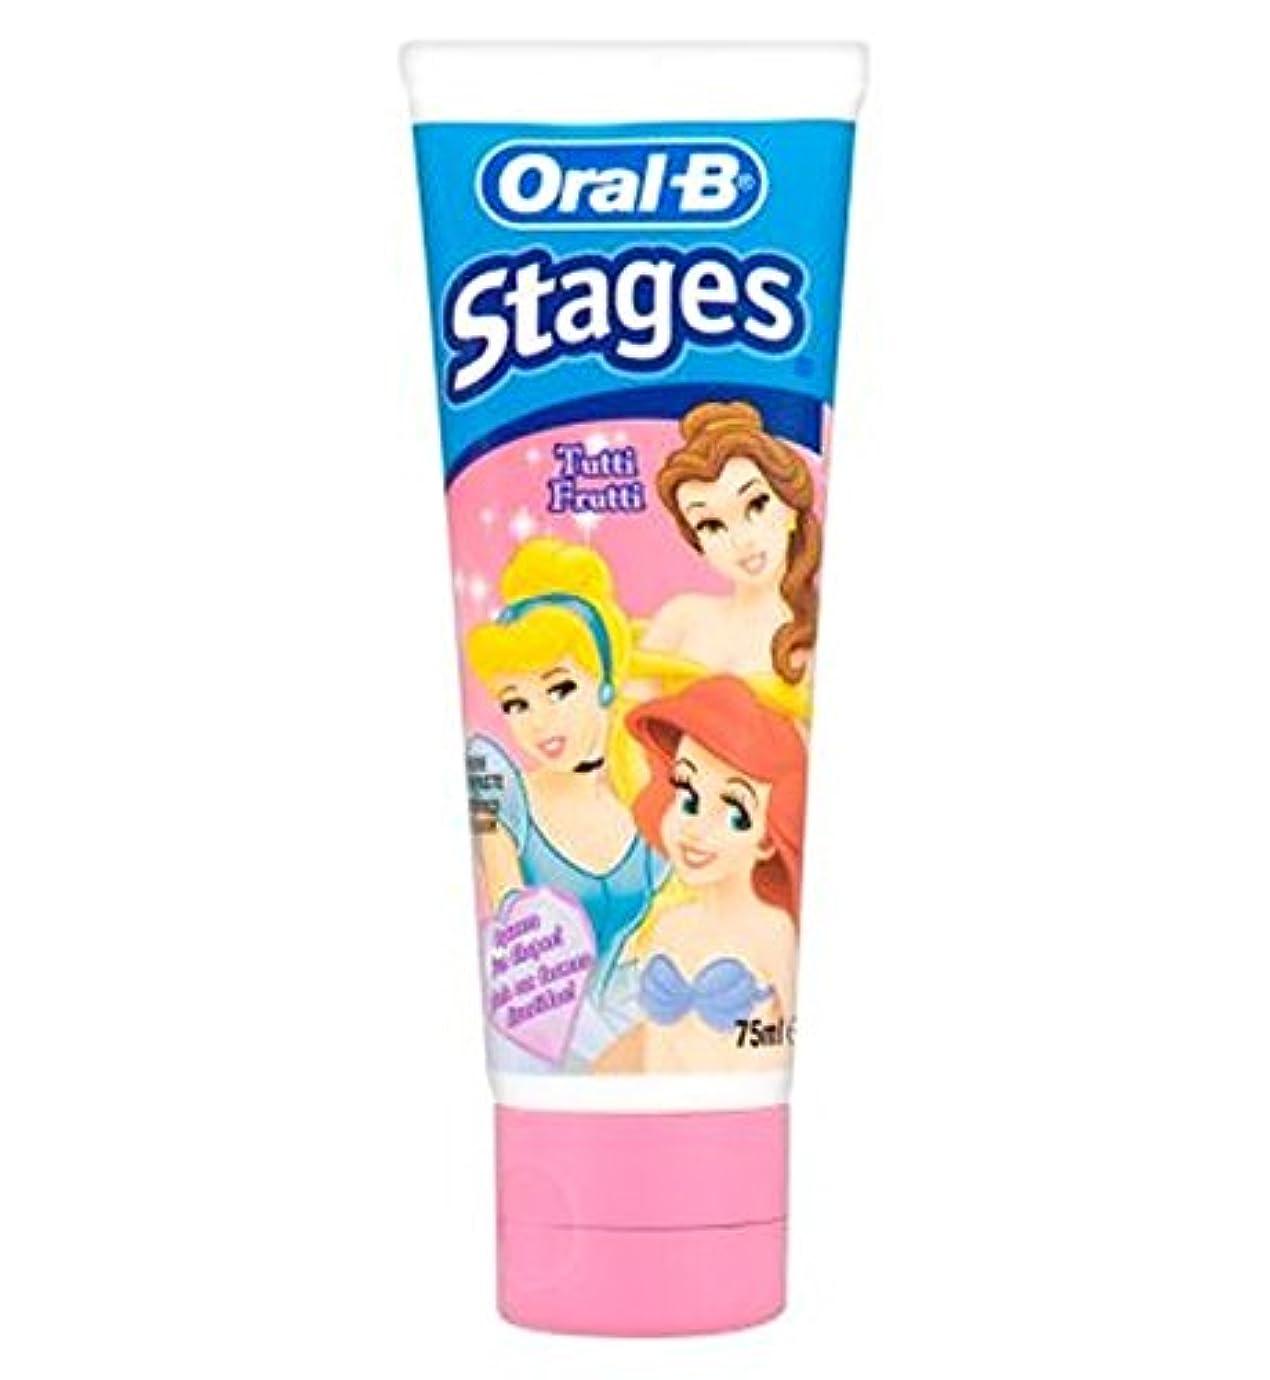 本能キラウエア山交通Oral-B Stages Toothpaste 75ml - オーラルBは、歯磨き粉の75ミリリットルをステージ (Oral B) [並行輸入品]